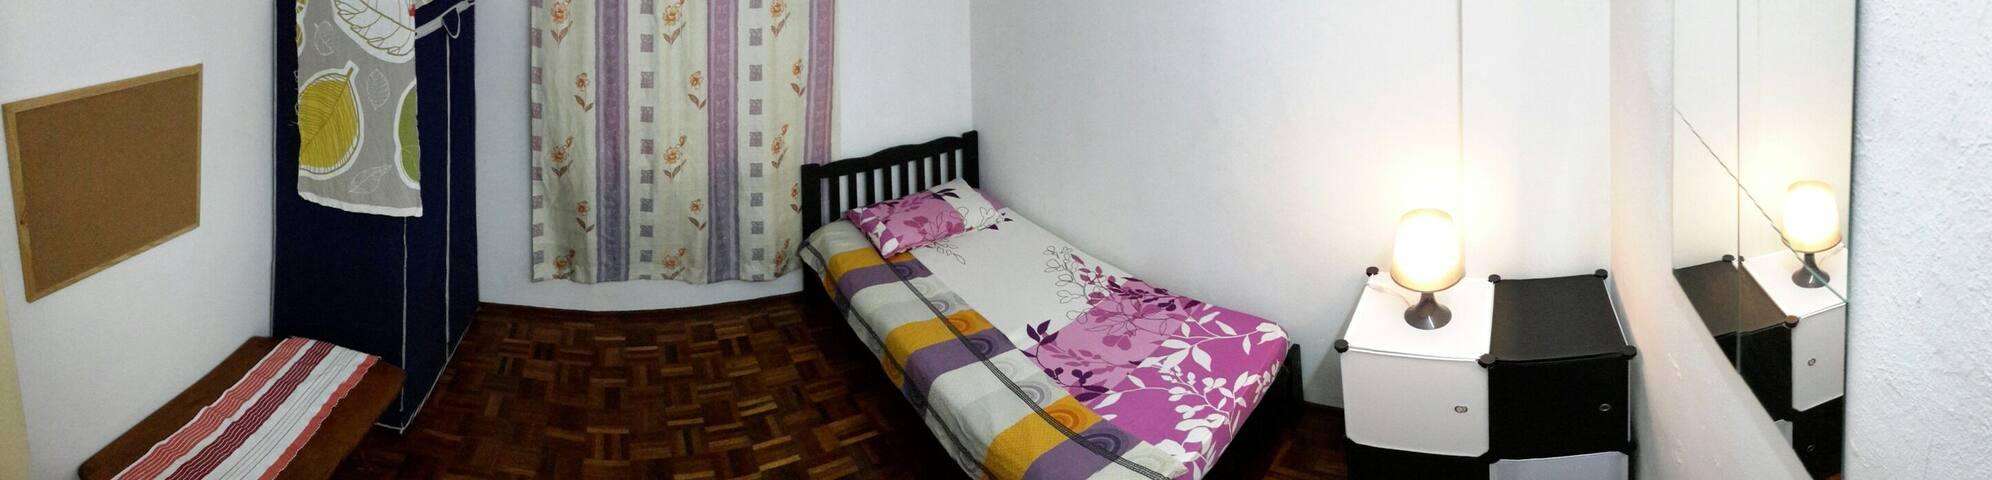 Apartmen Saujana Medium room - Petaling Jaya - Apartment